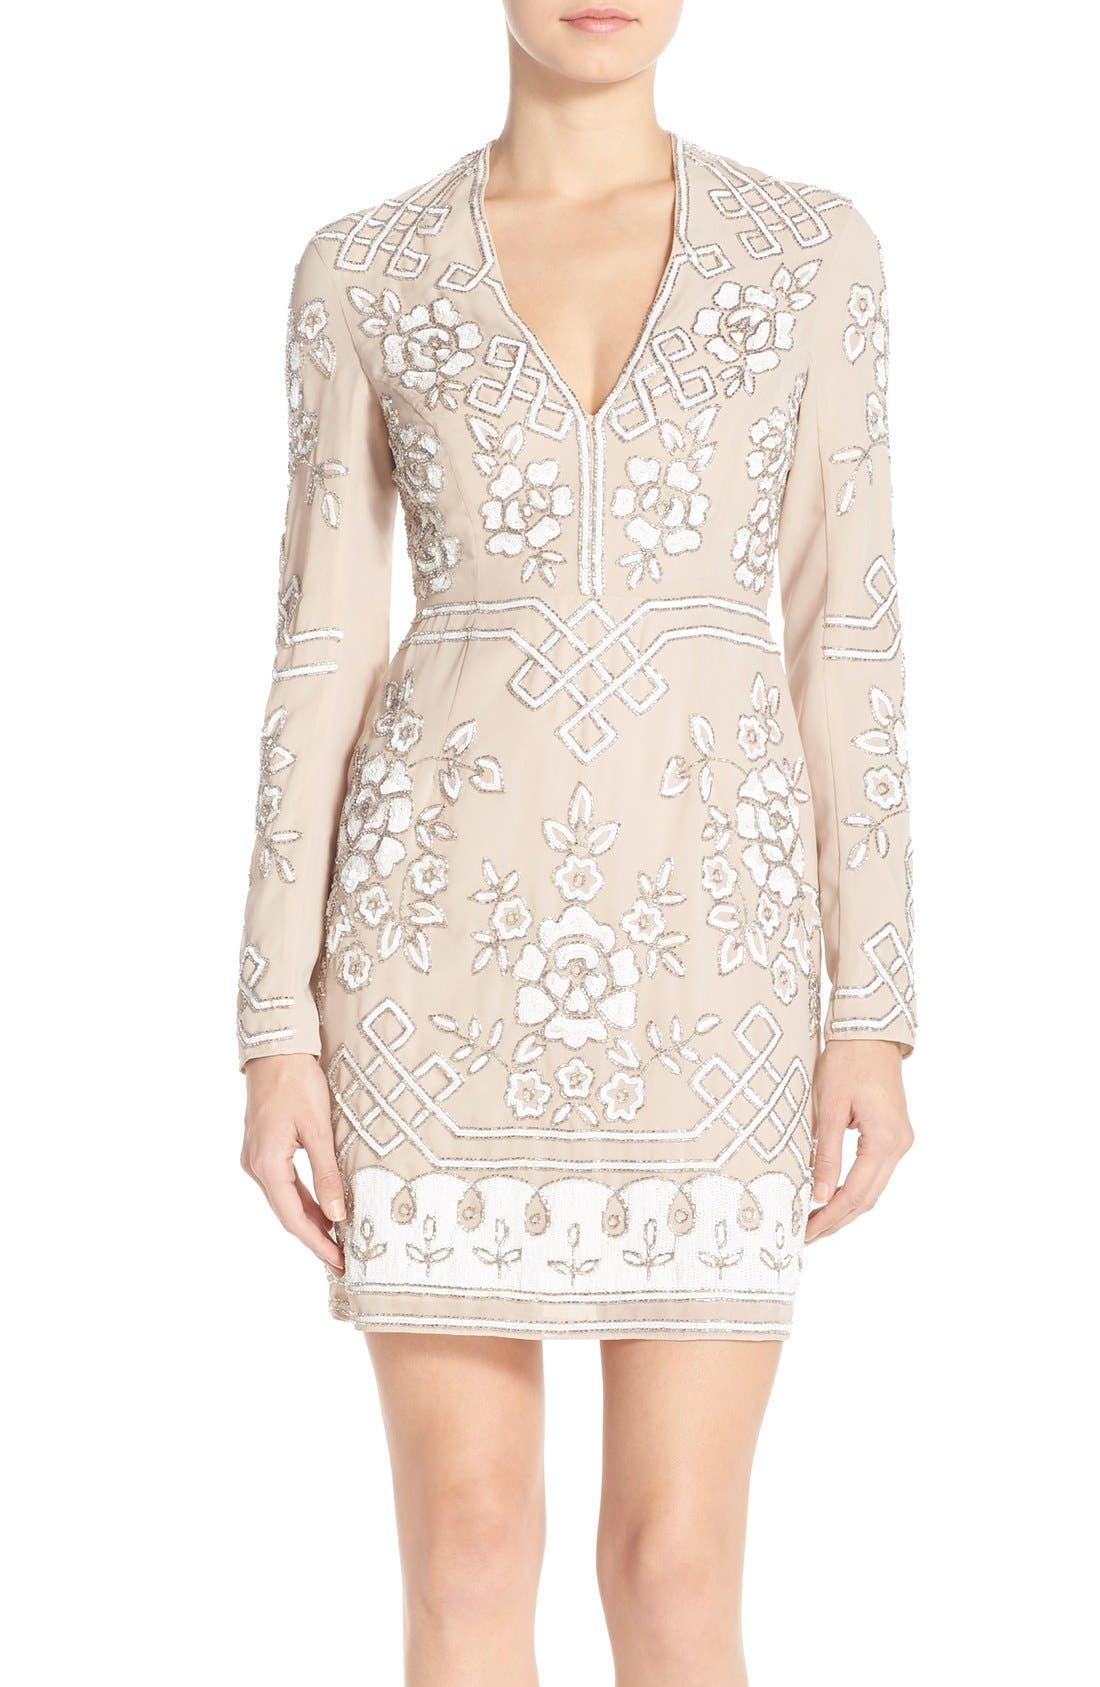 Alternate Image 1 Selected - Needle & Thread Embellished Long Sleeve Minidress